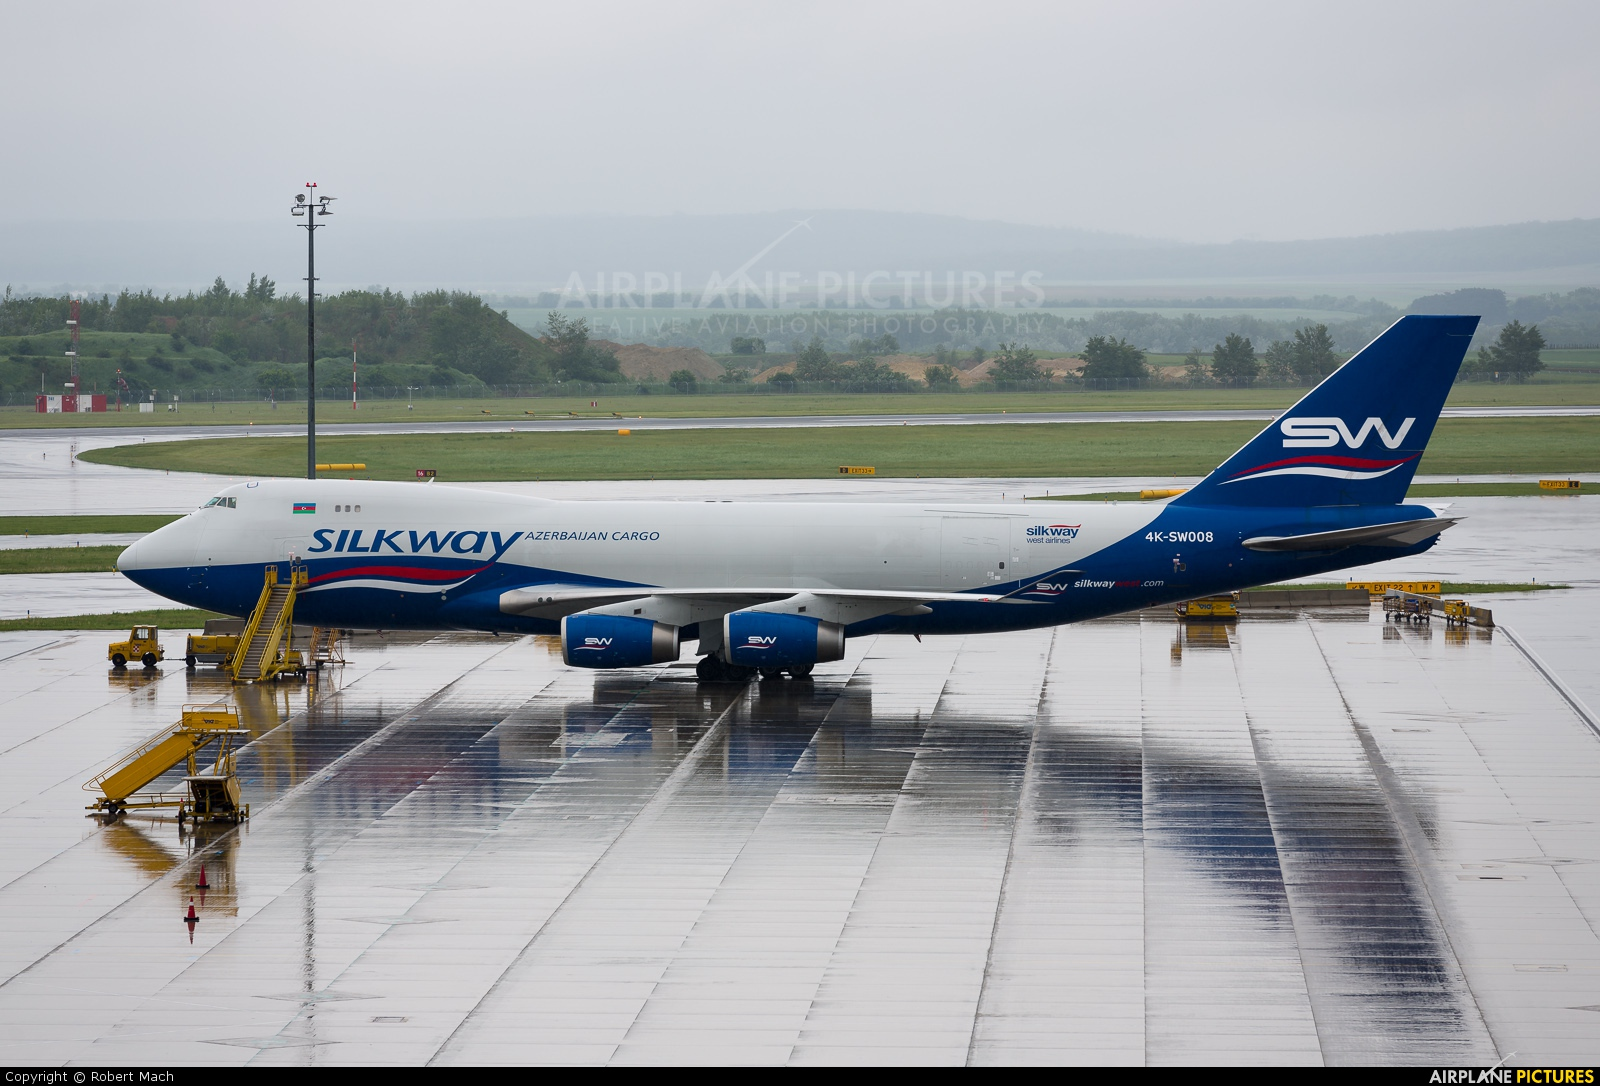 Silk Way Airlines 4K-SW008 aircraft at Vienna - Schwechat